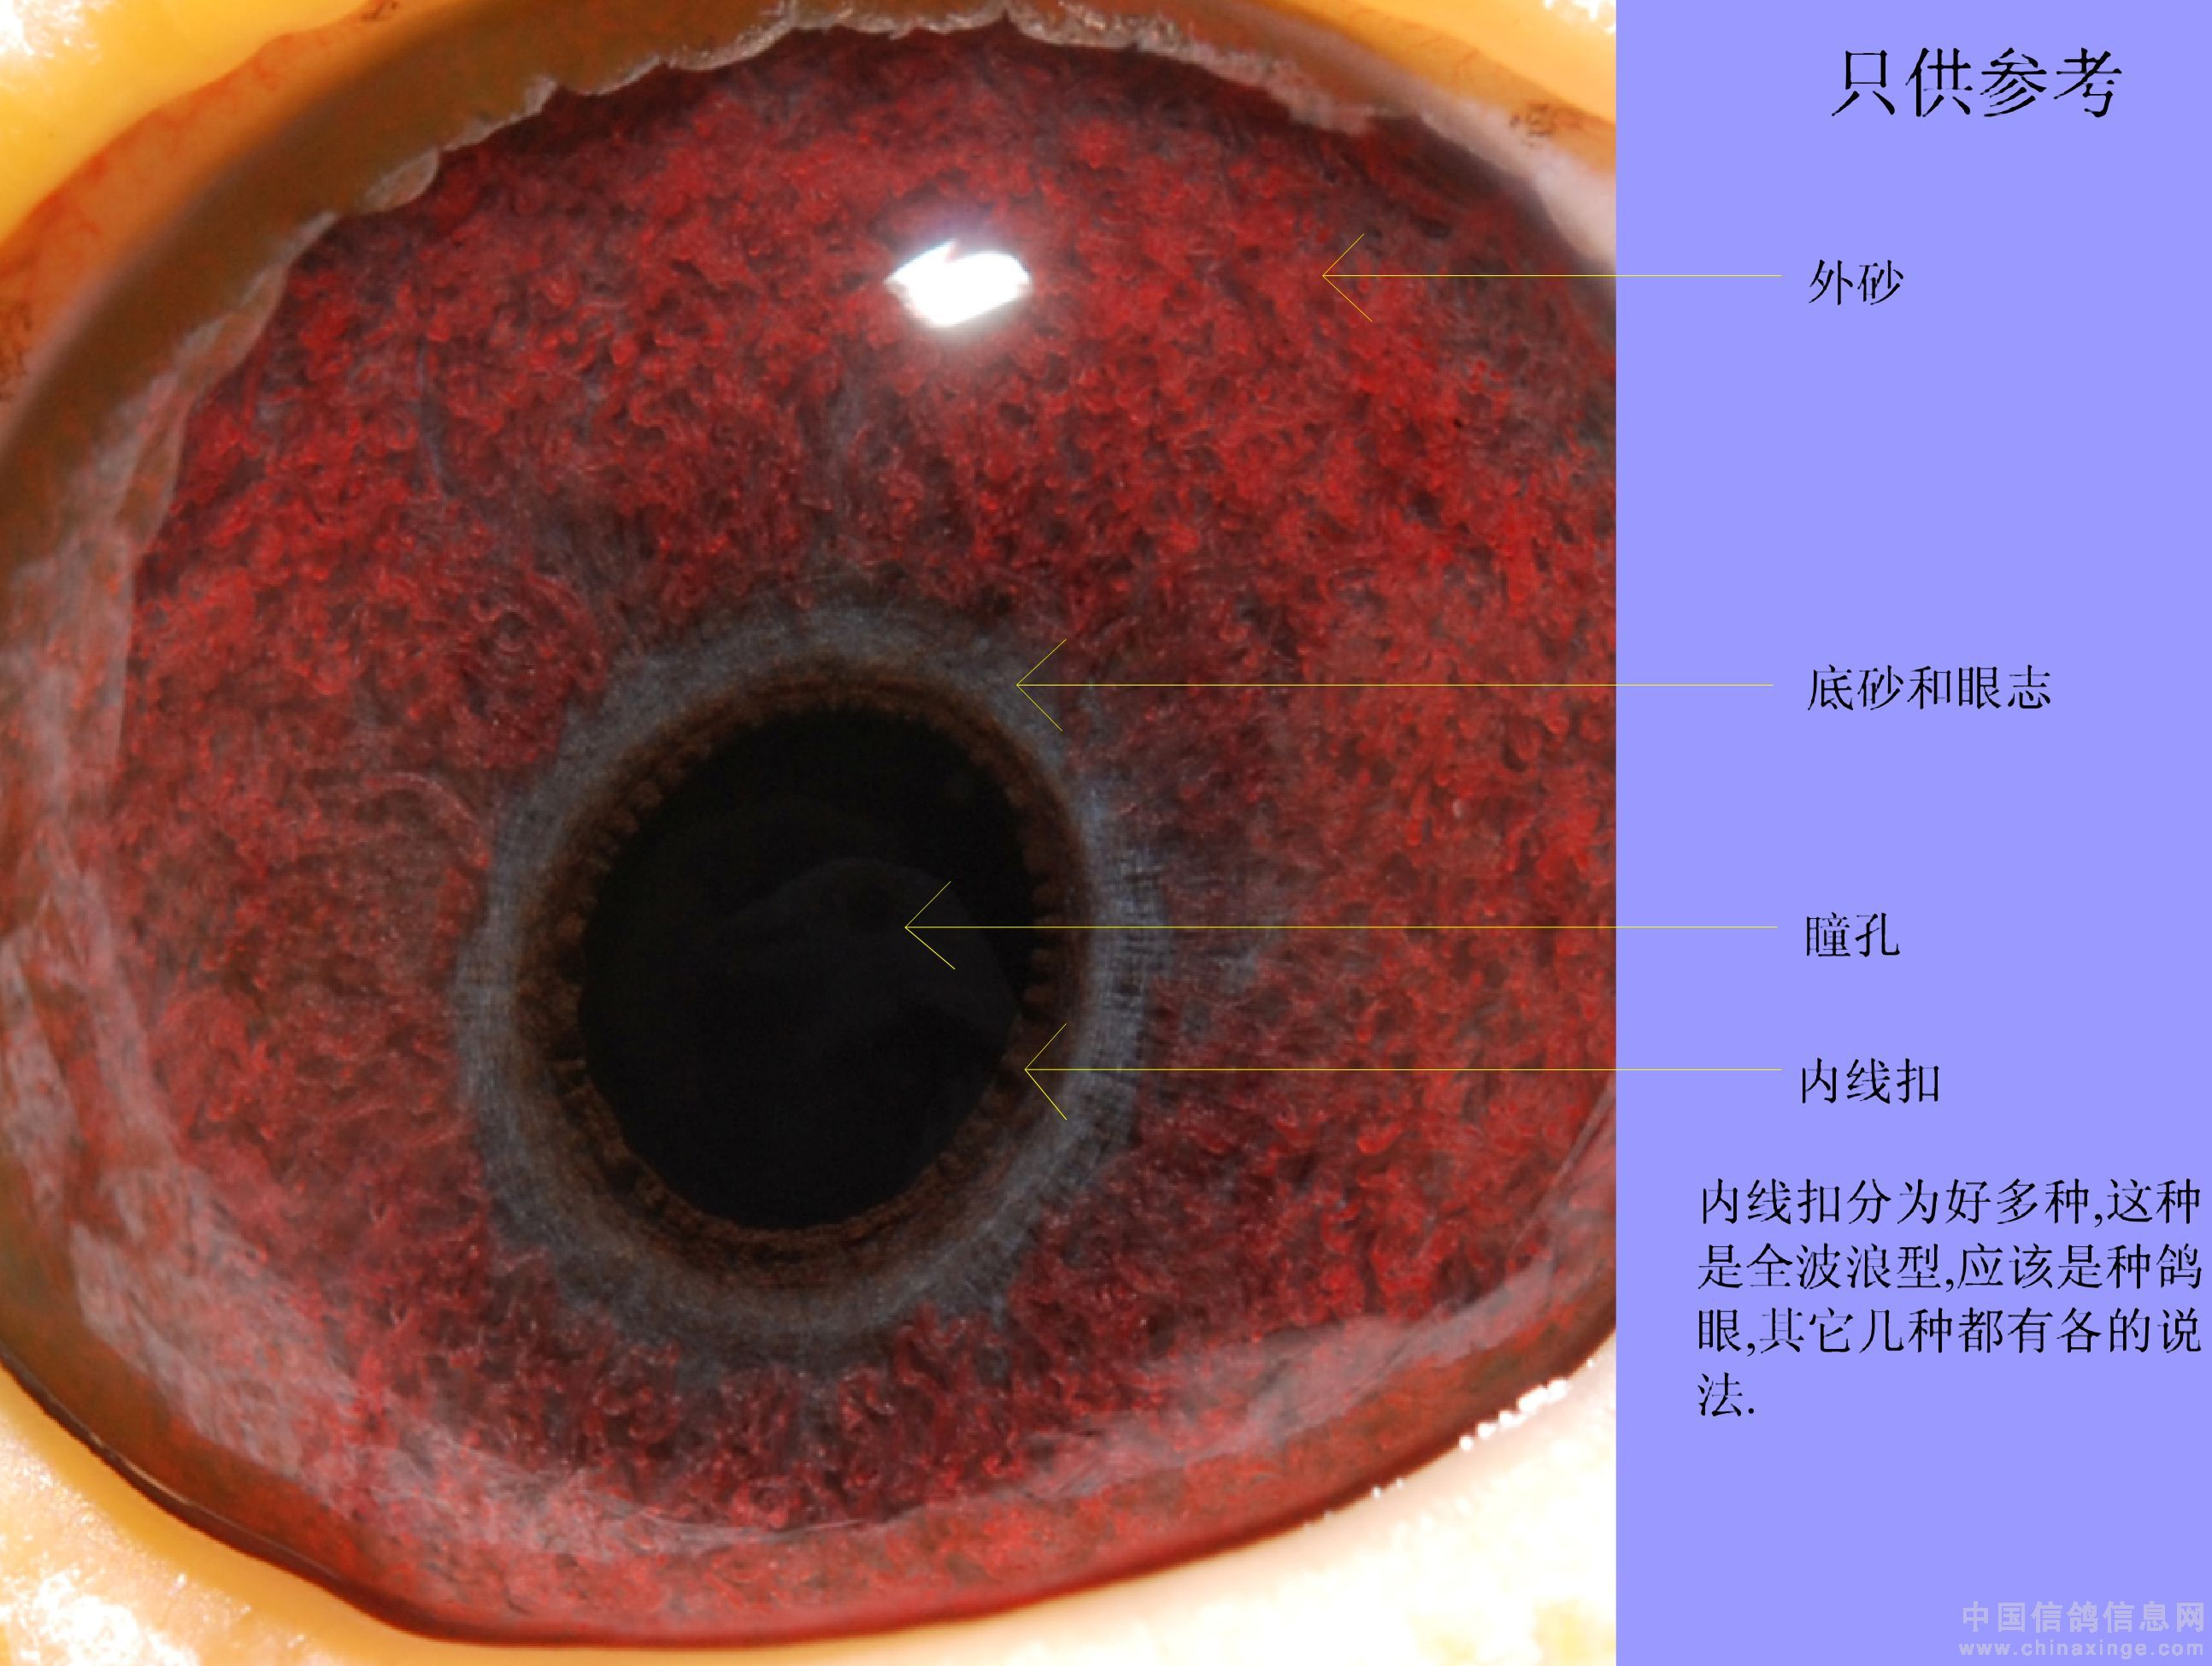 信鸽眼解刨图_鸽眼的分解(图)-中国信鸽信息网 www.chinaxinge.com